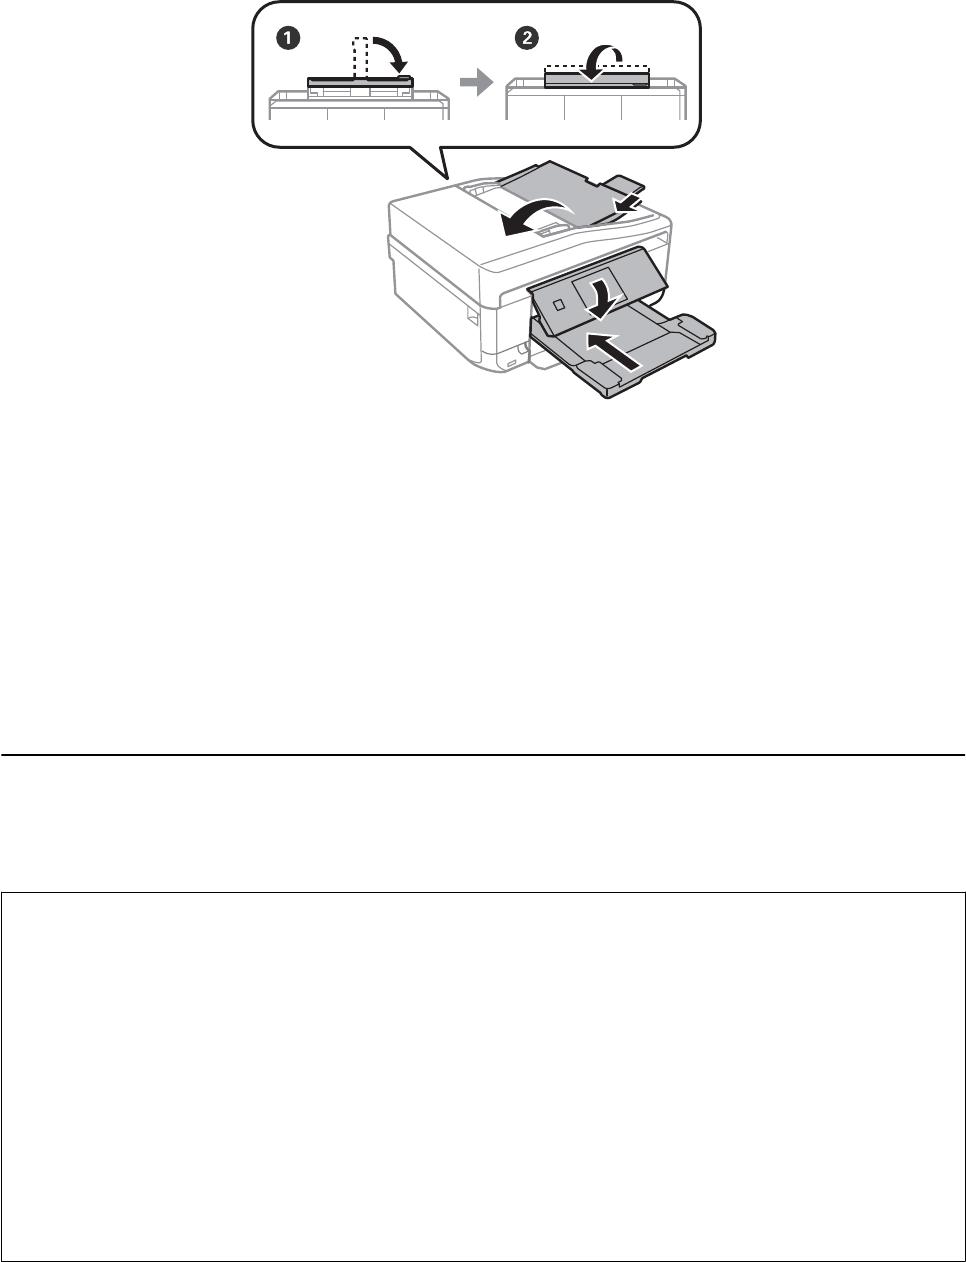 Bedienungsanleitung Epson Expression Premium XP-830 (Seite